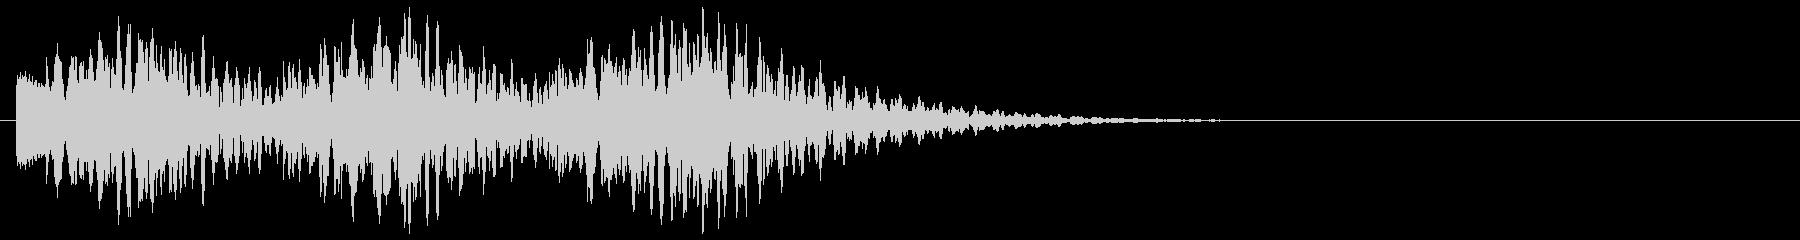 キランキランキラリン(キラキラ系装飾音)の未再生の波形